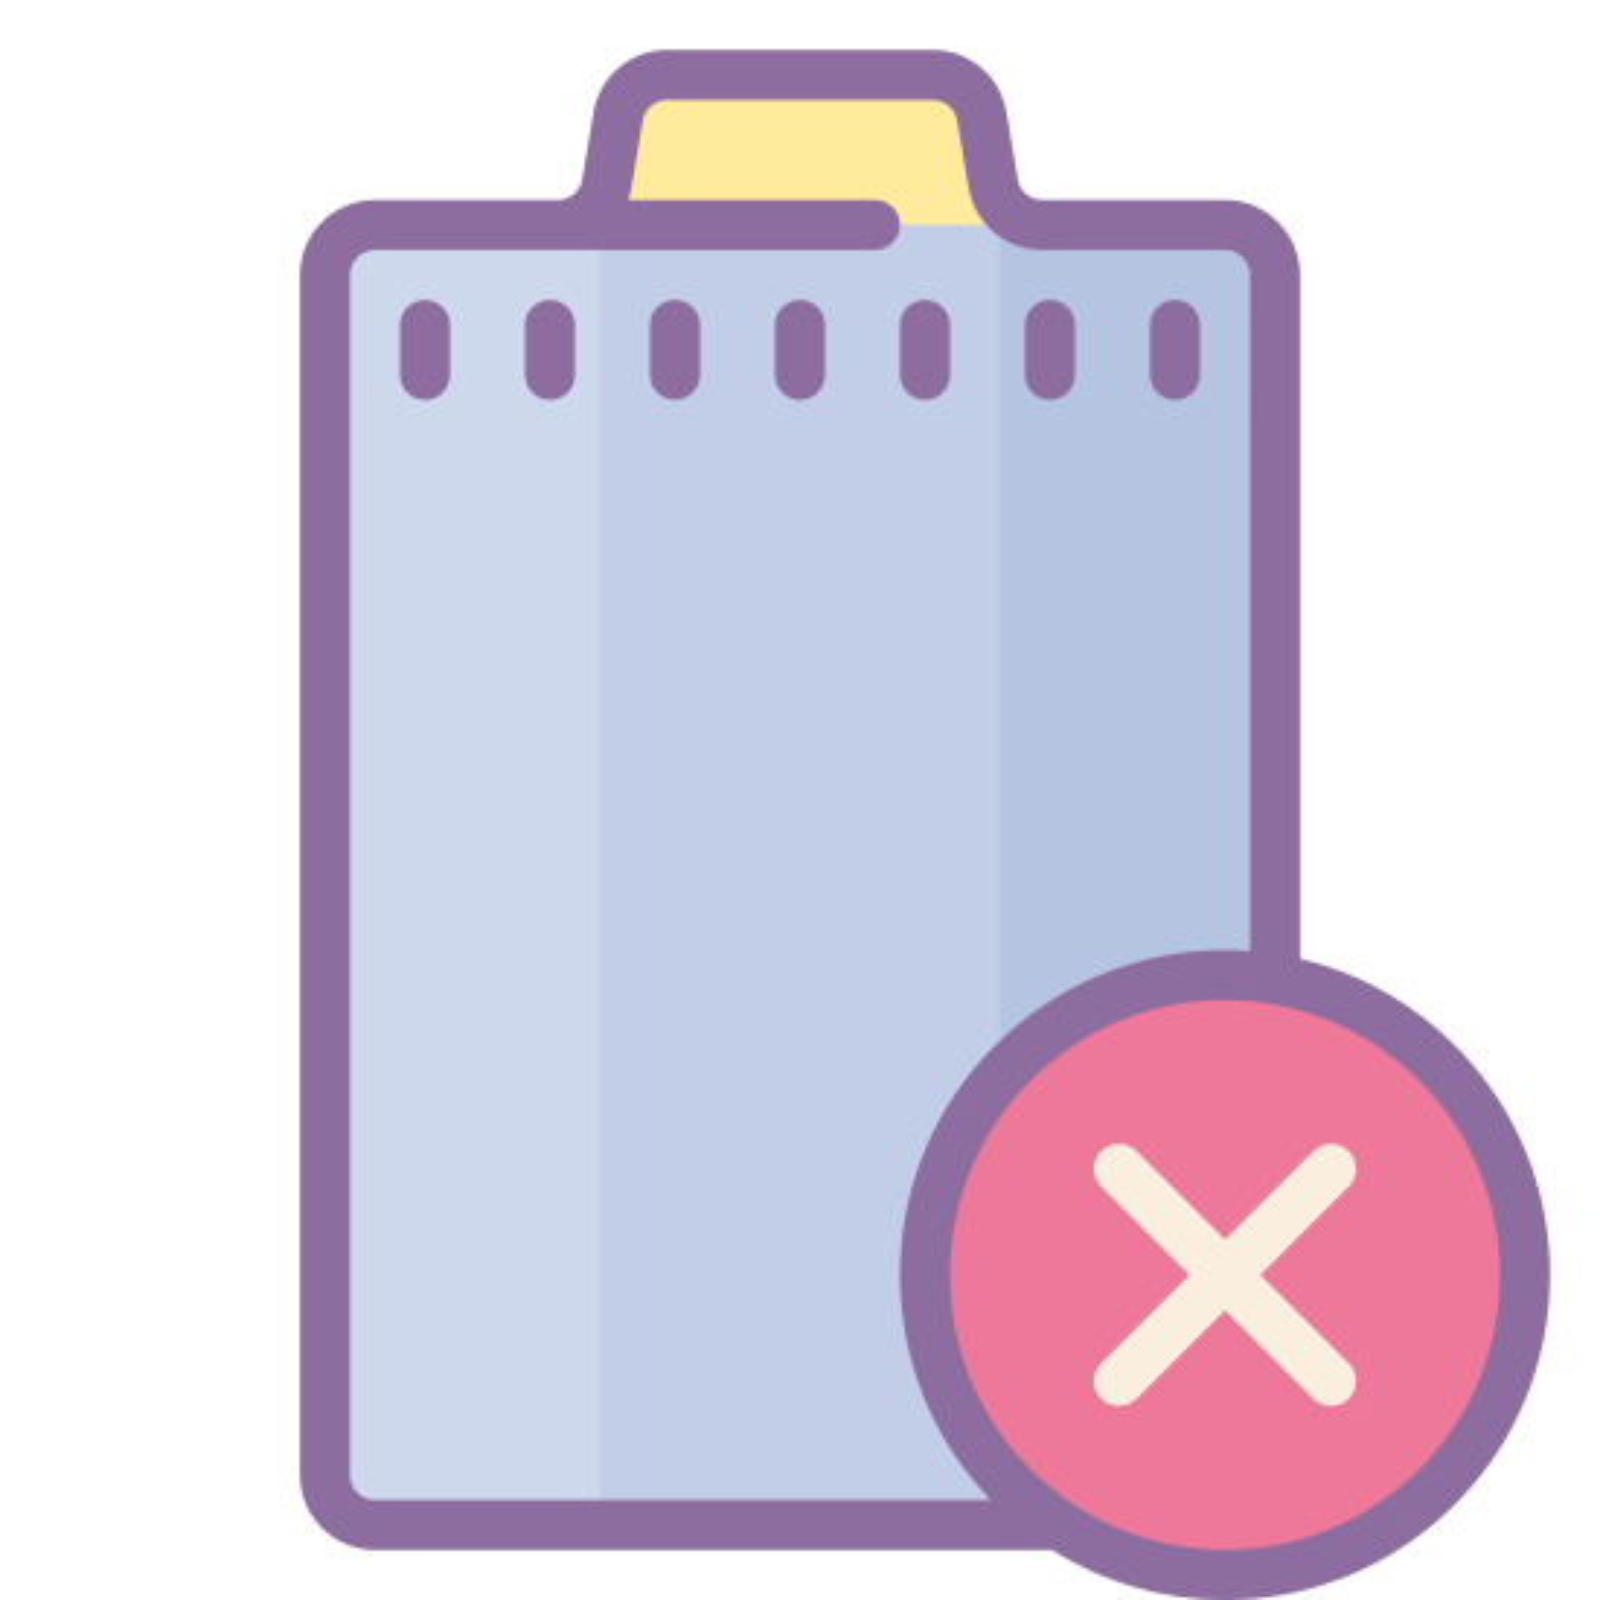 Remove Battery icon